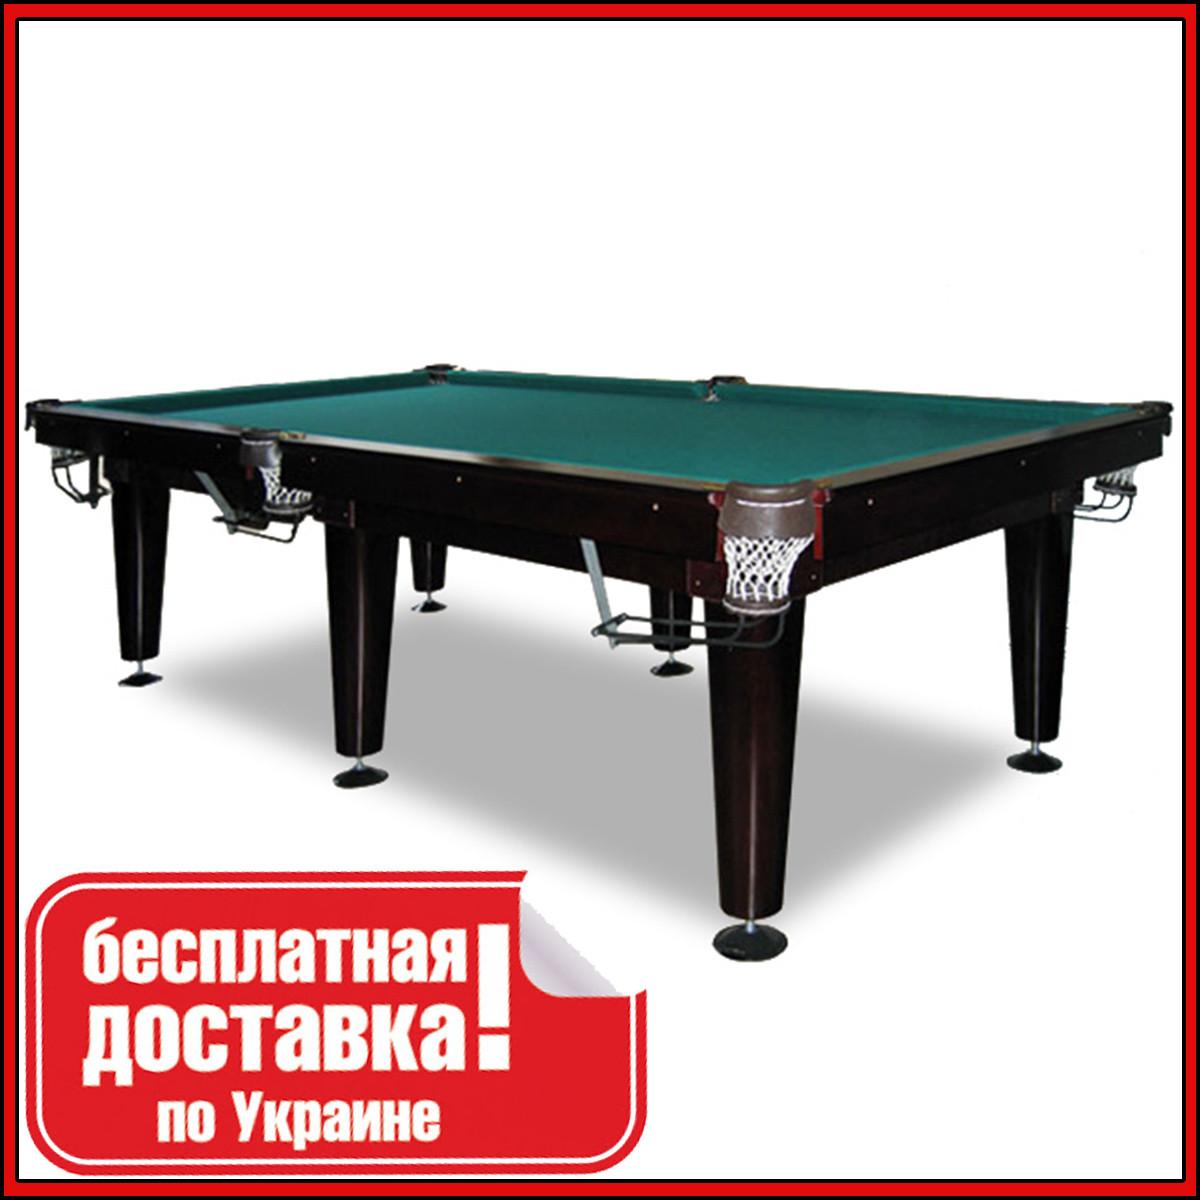 Більярдний стіл для пулу КЛАСИК 8 футів ЛДСП 2.2 м х 1.1 м з натурального дерева